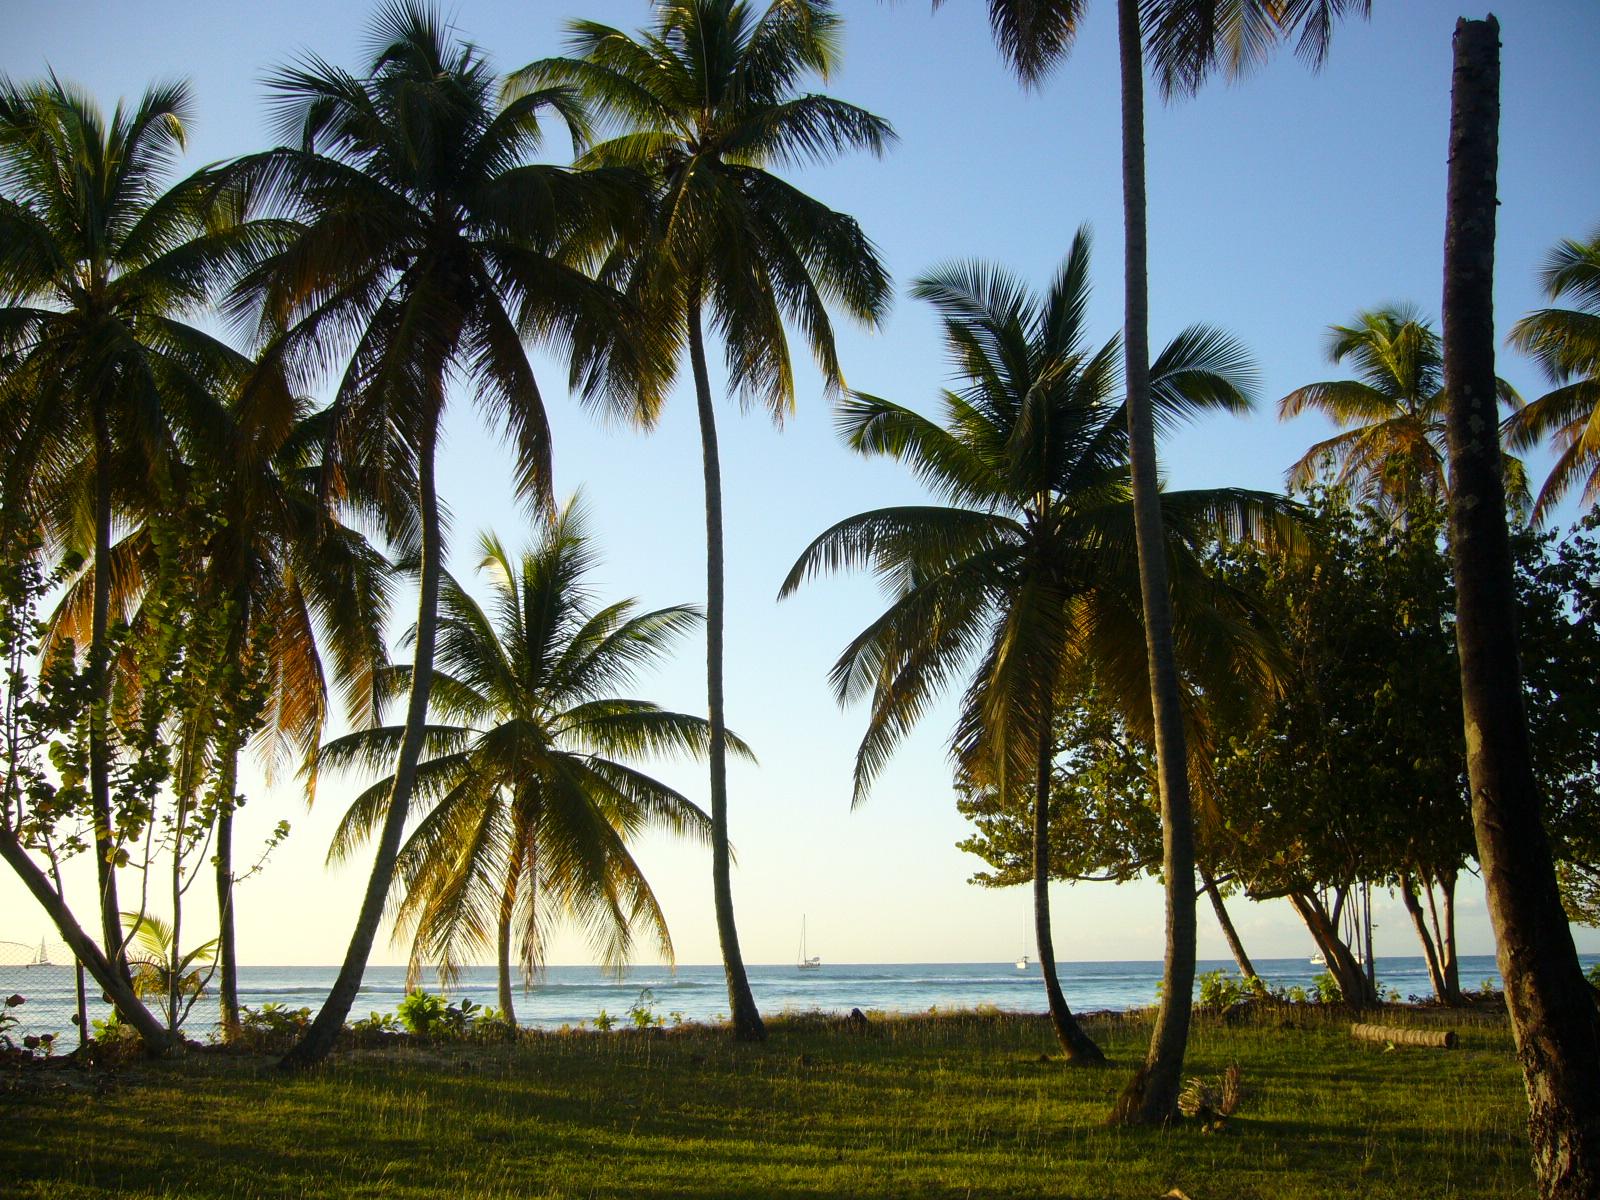 Woche 4: Wanted – der Palme ihr Öl